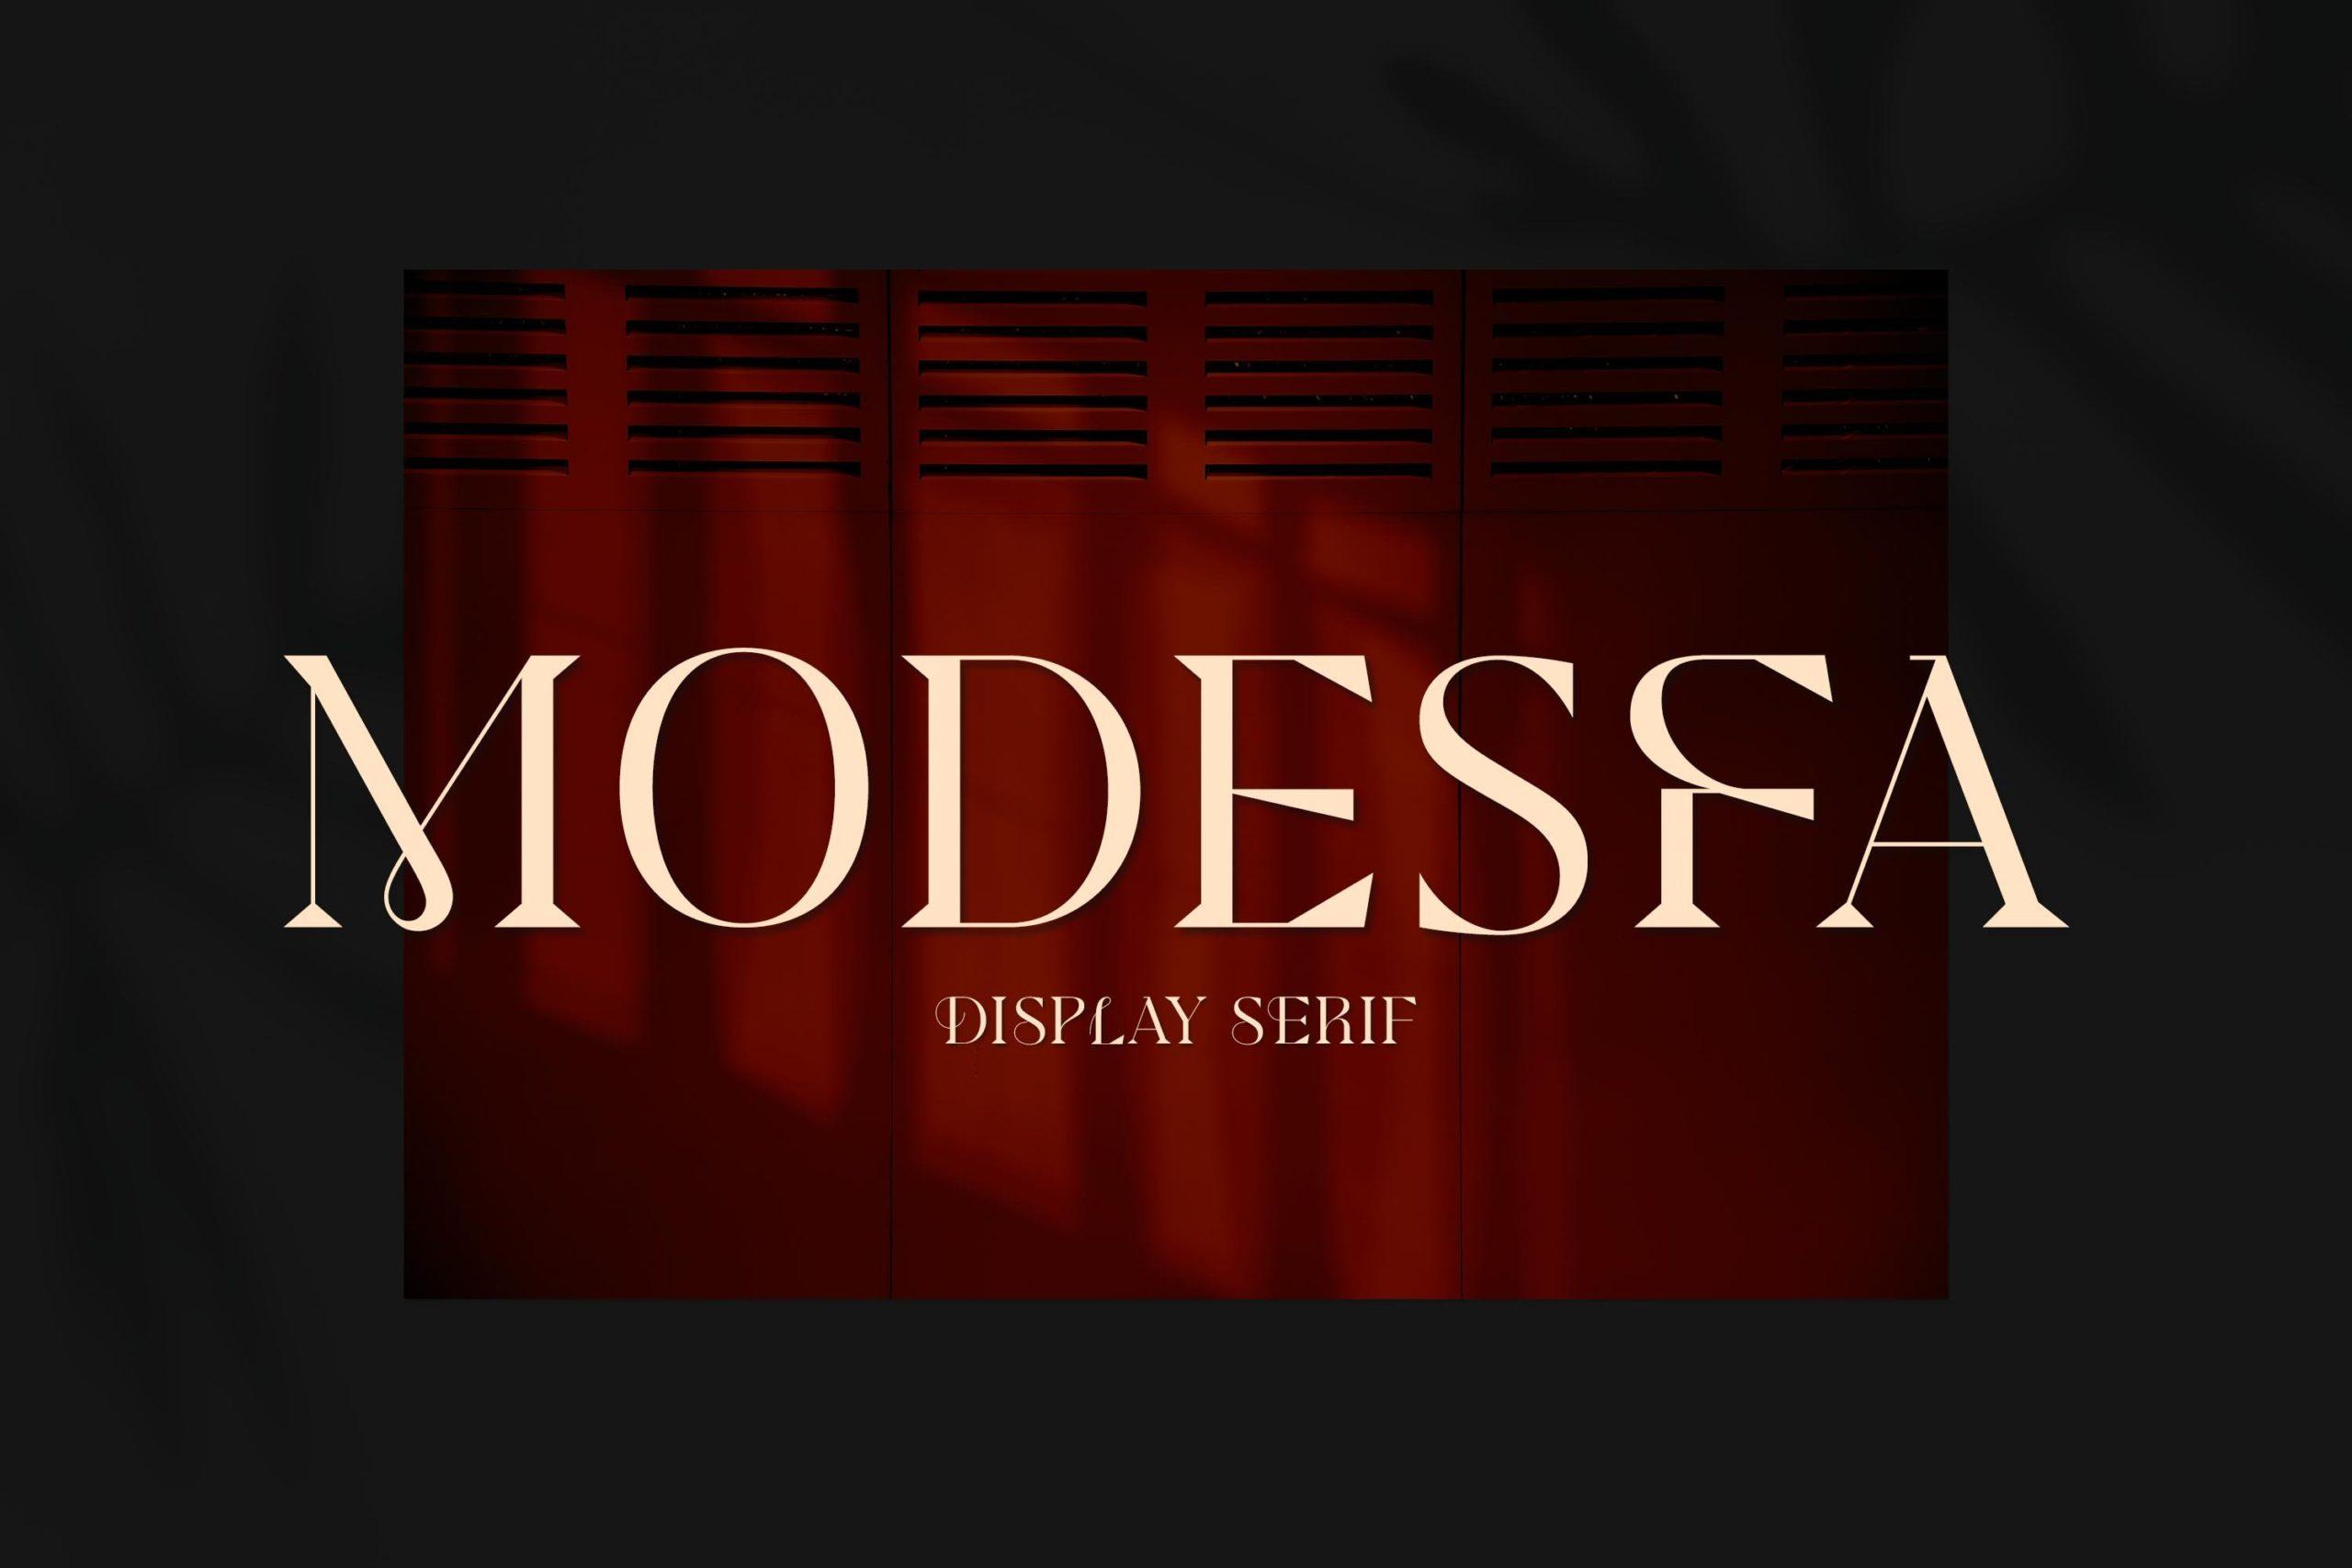 现代极简杂志画册标题徽标Logo设计衬线英文字体素材 Modesfa – Modern Display Serif插图